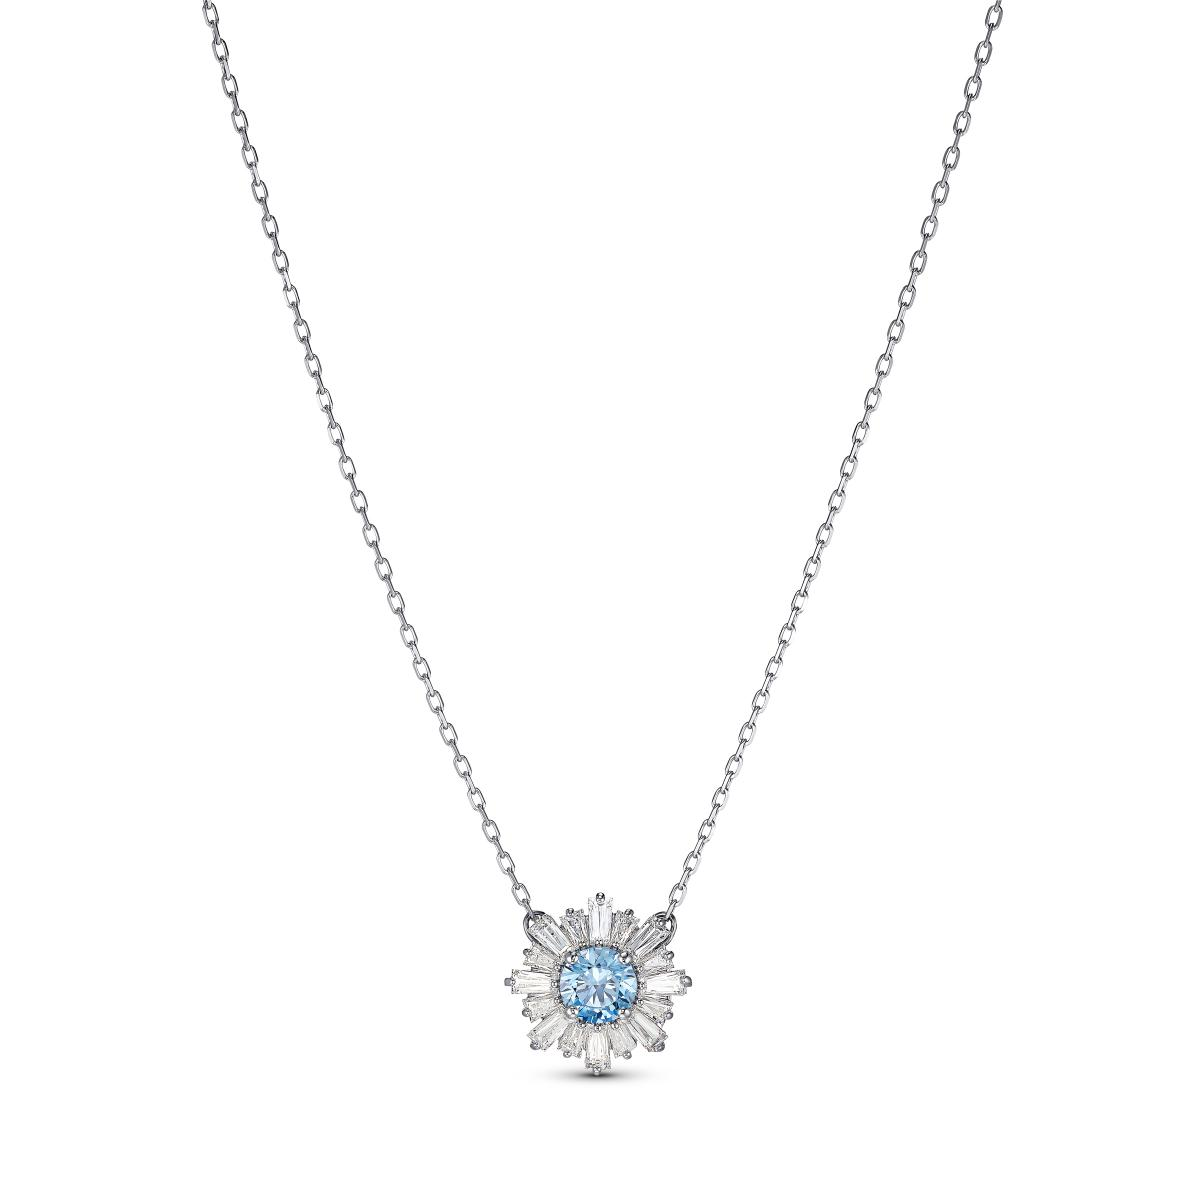 COLLIER Swarovski 5536742 - Collier Métal Argenté Cristal Bleu et Blanc  Femme